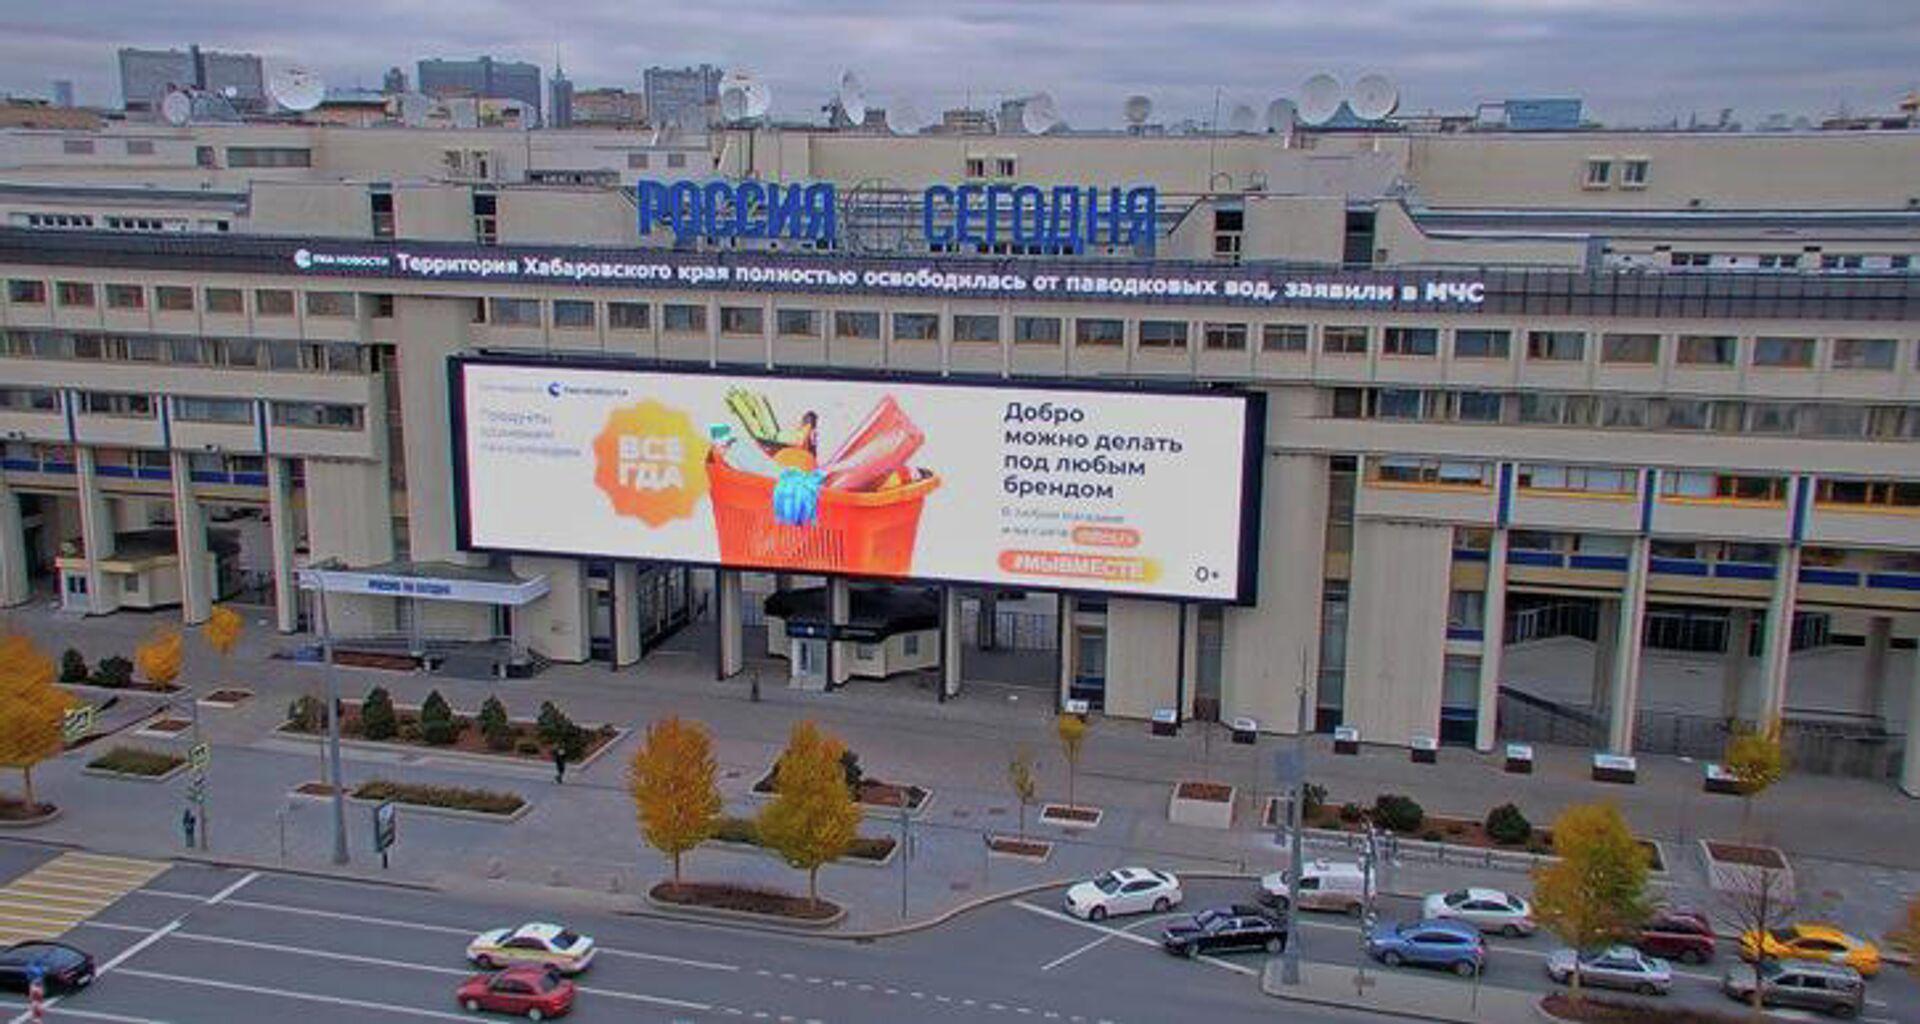 Ролик акции #МЫВМЕСТЕ на медиафасаде здания МИА Россия сегодня - РИА Новости, 1920, 16.11.2020